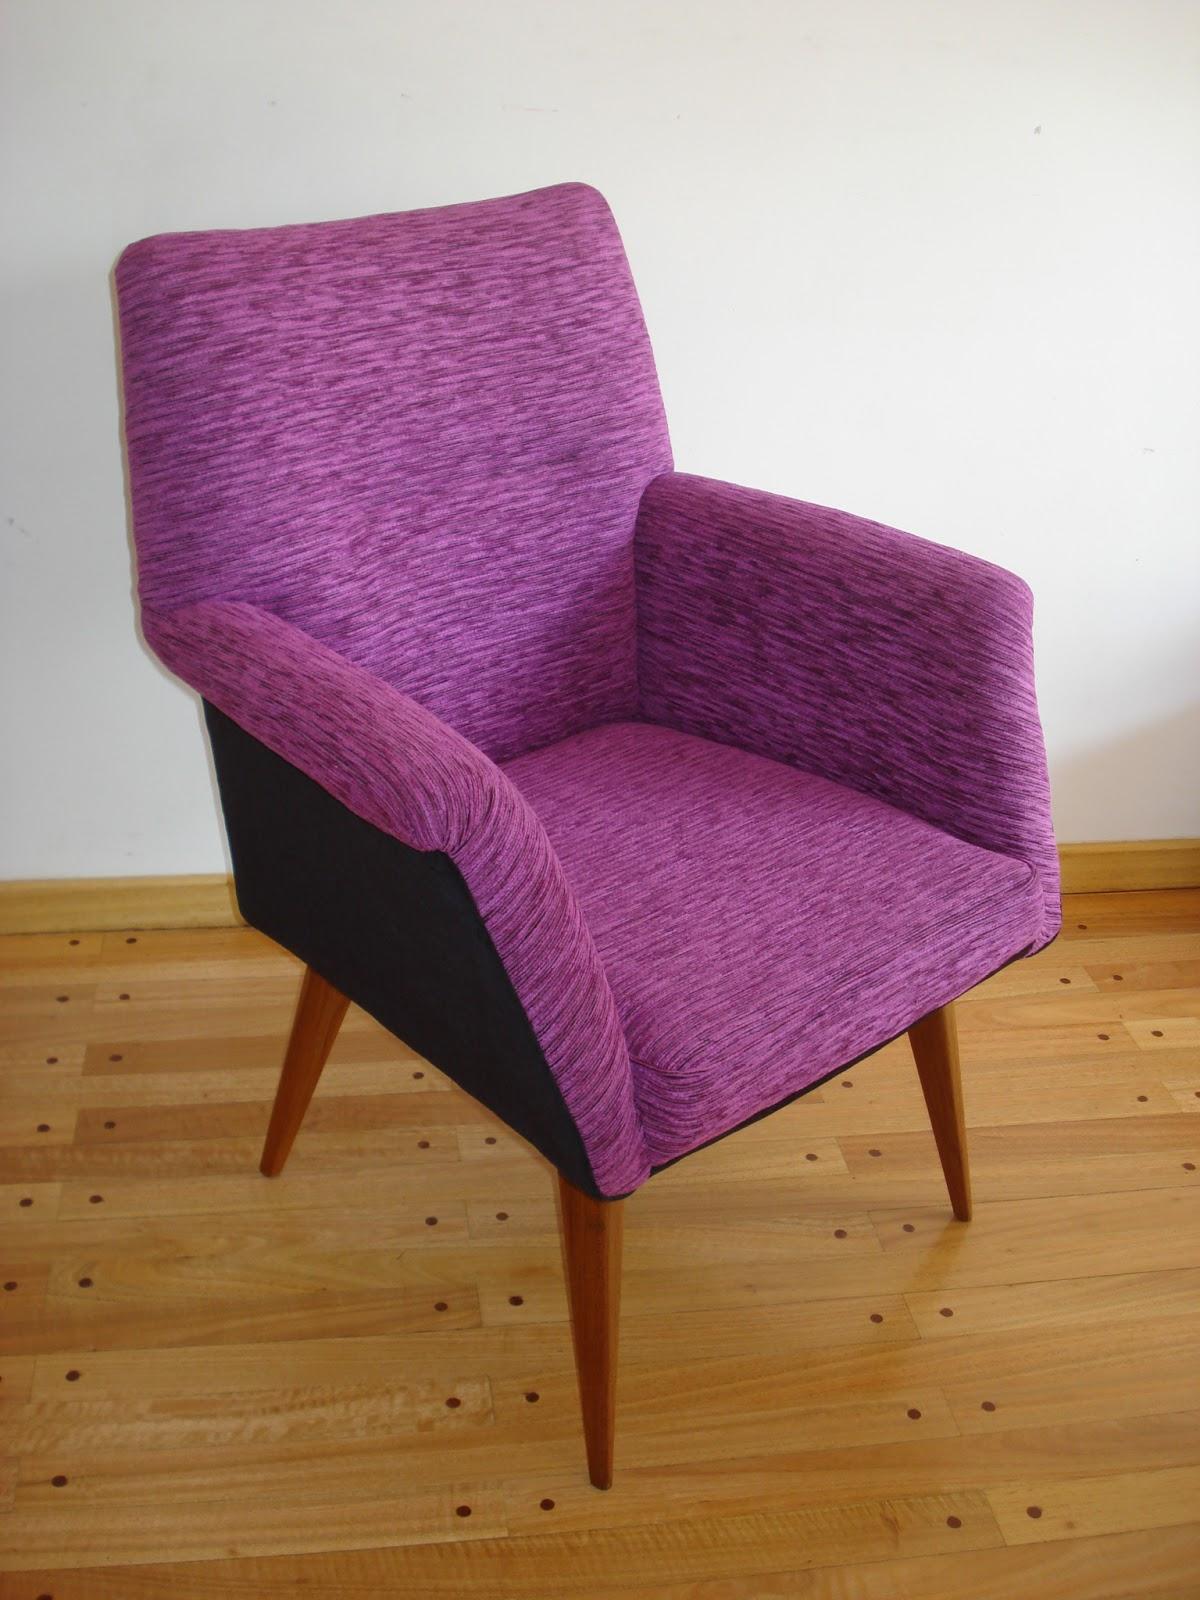 Chochiloca reciclado de muebles par sillones retro for Reciclado de sillones